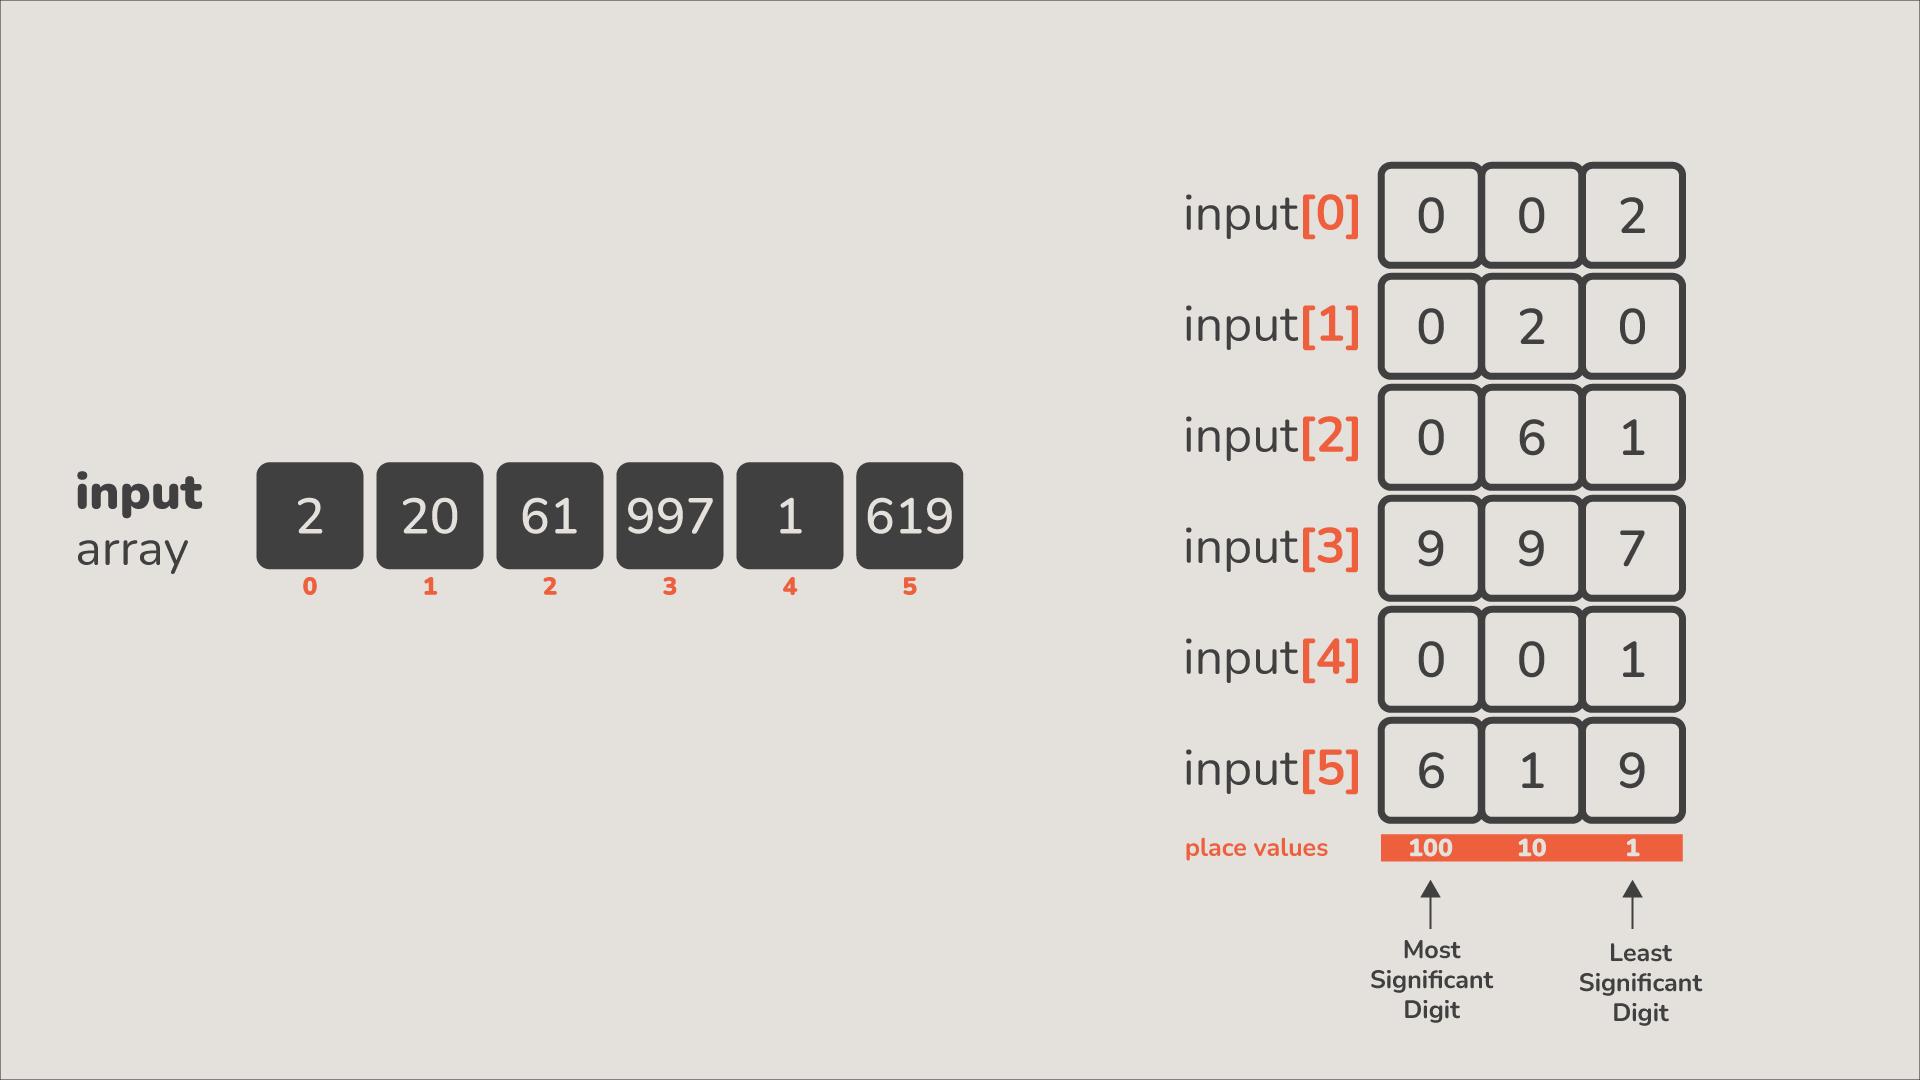 radix sort grouping visualized